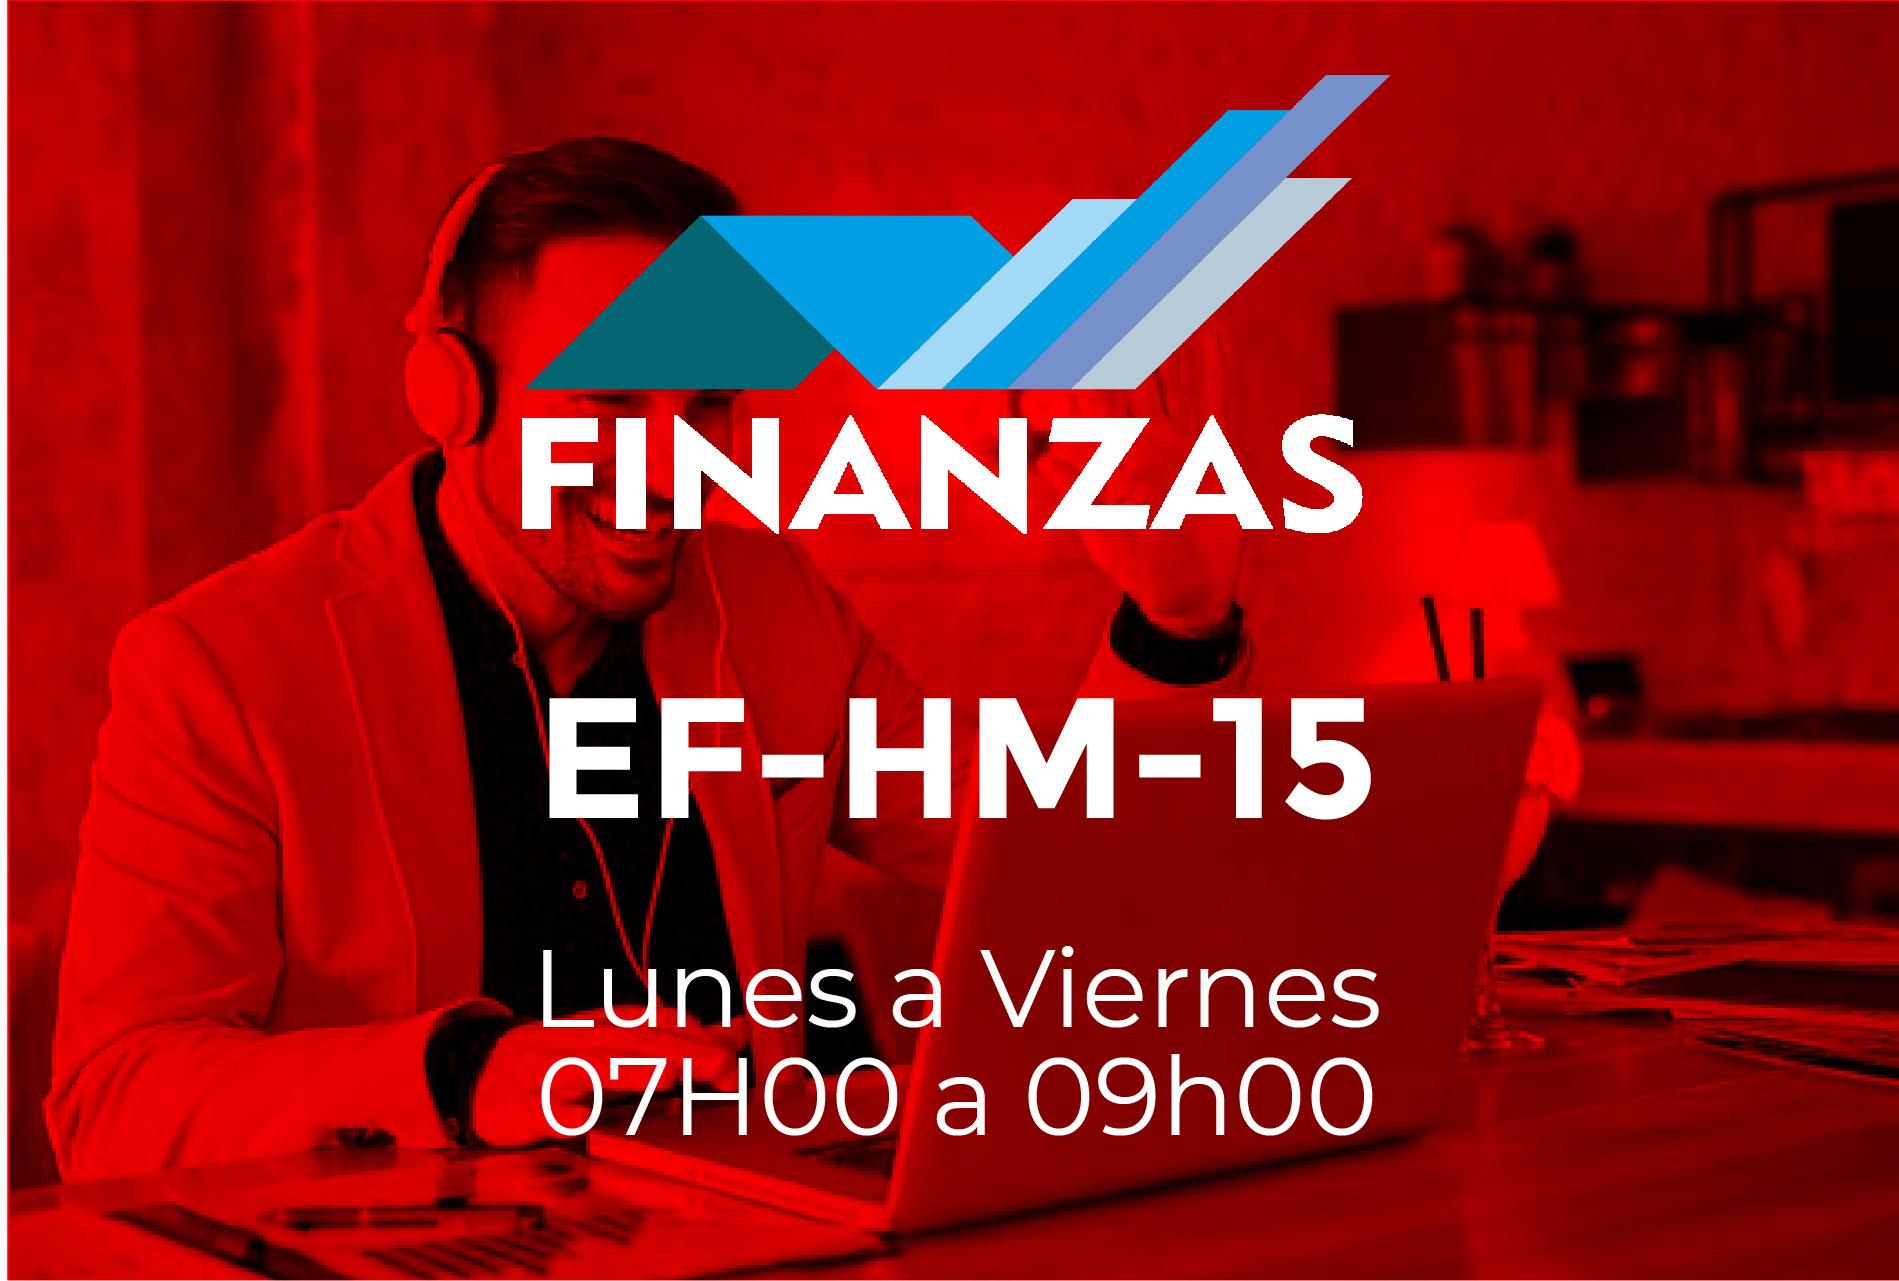 15 - FINANZAS - LUNES A VIERNES - 07:00 A 09:00